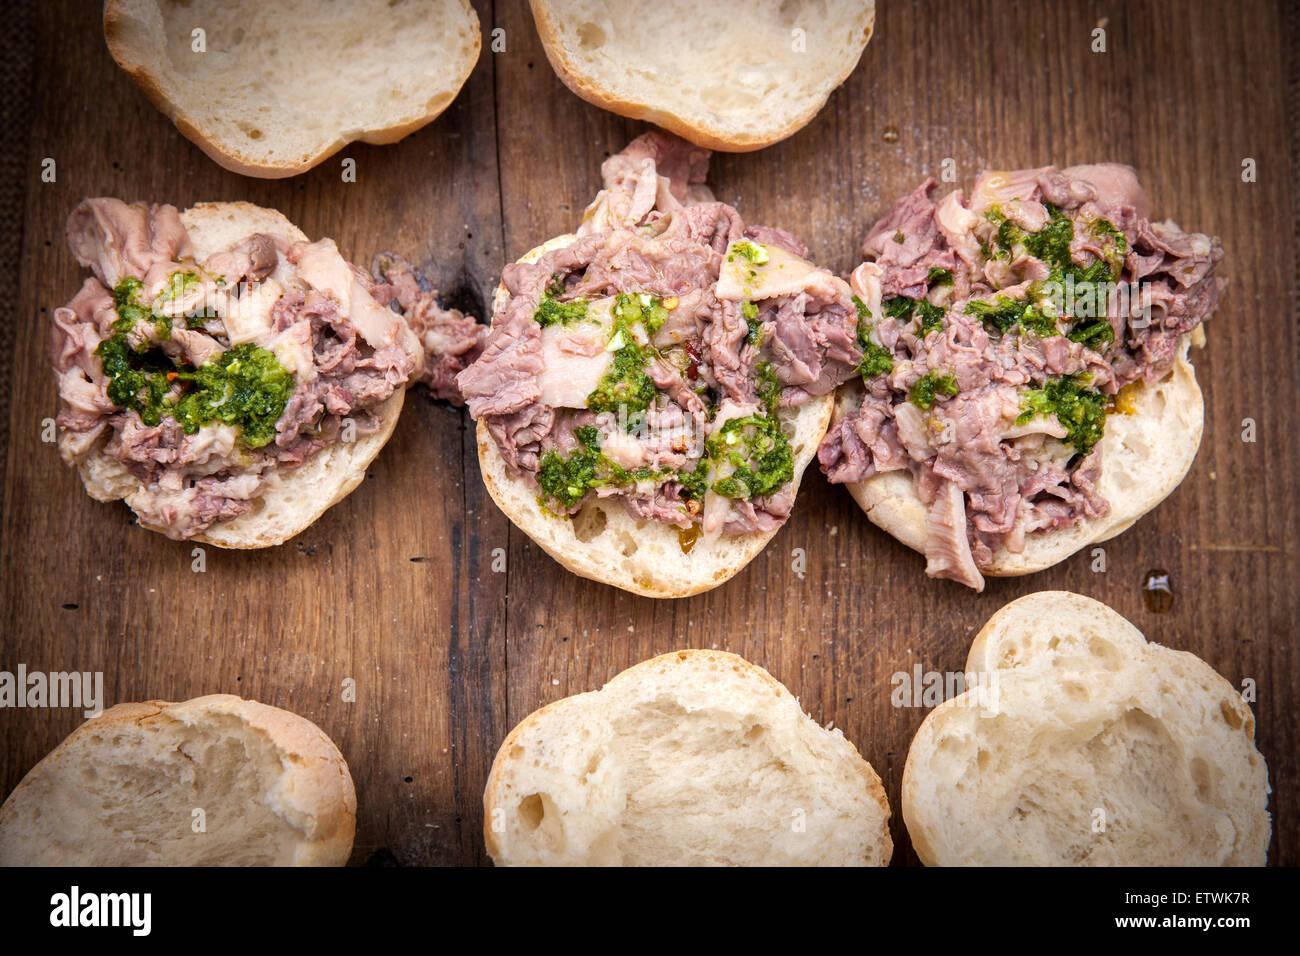 """Italienisches Essen, Sandwich """"Lampredotto"""" Tuscany Gastronomie Stockbild"""